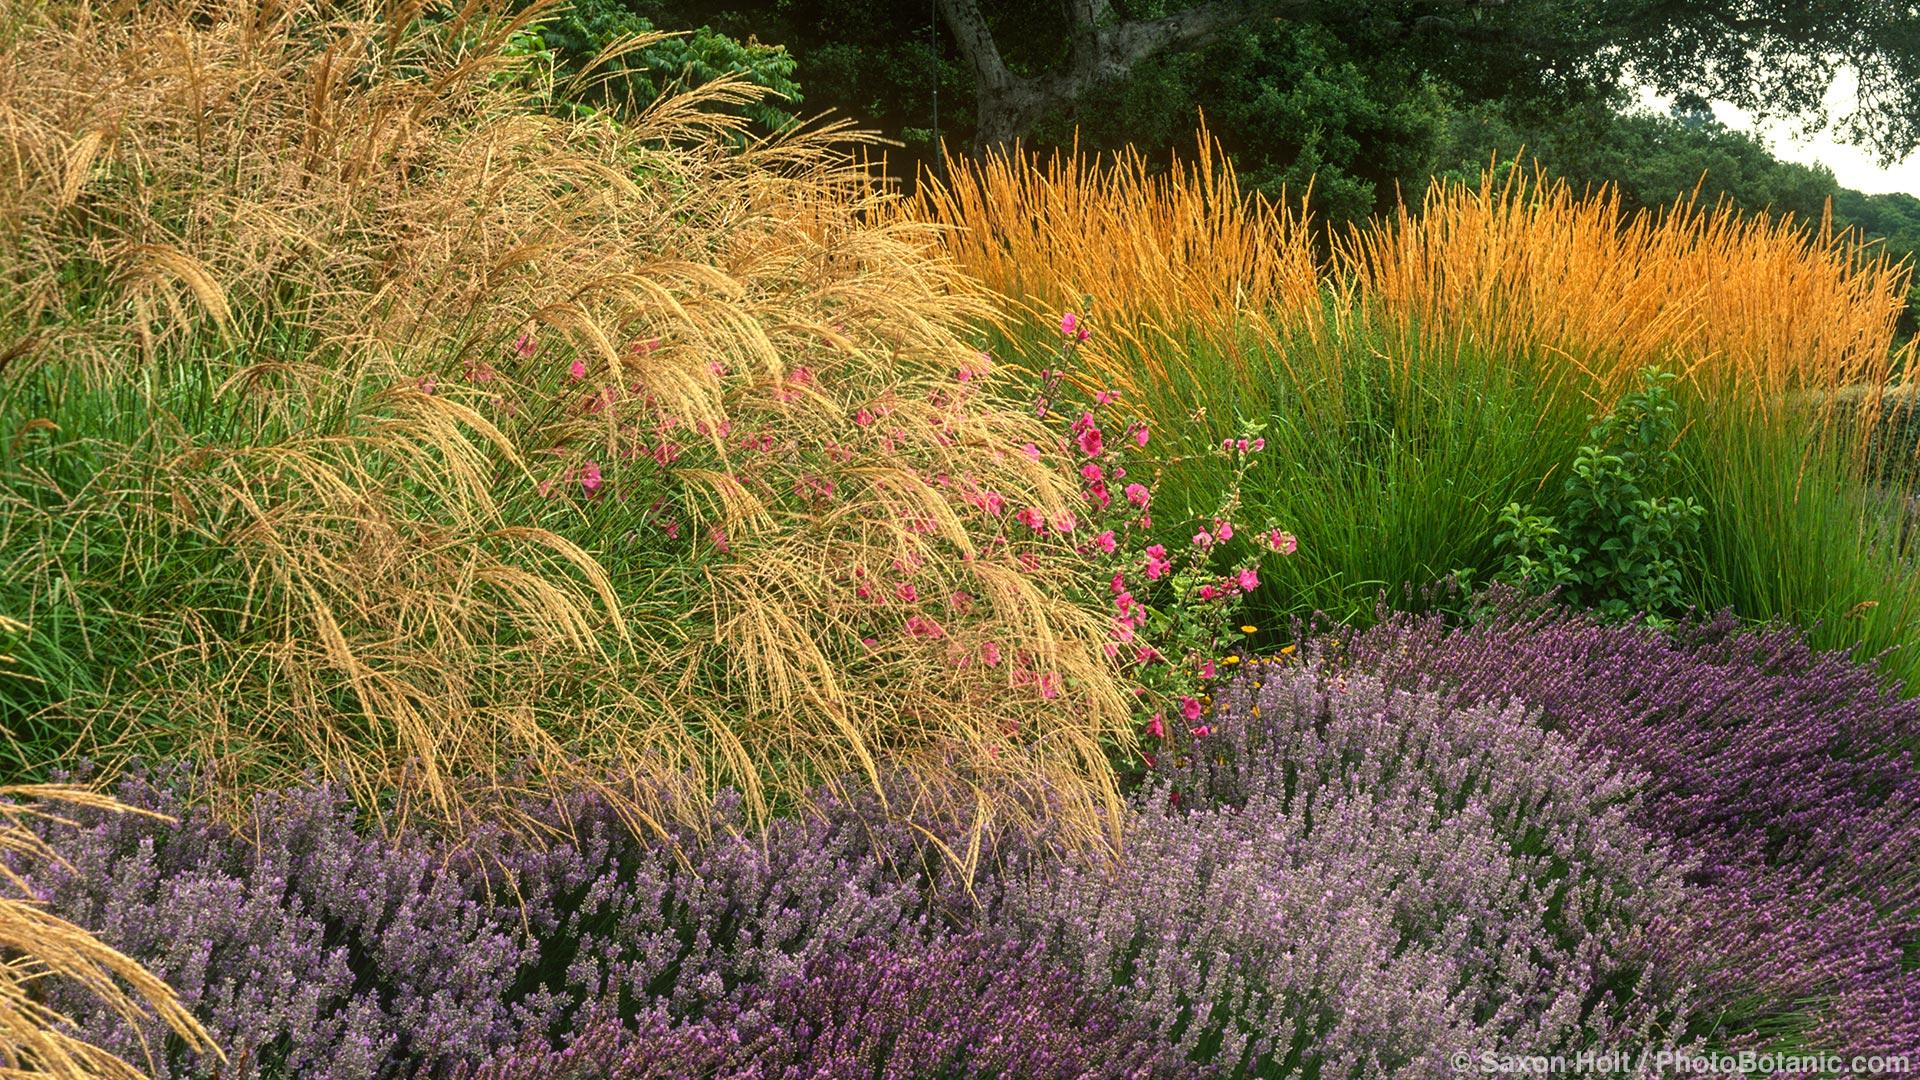 summer-dry grasses